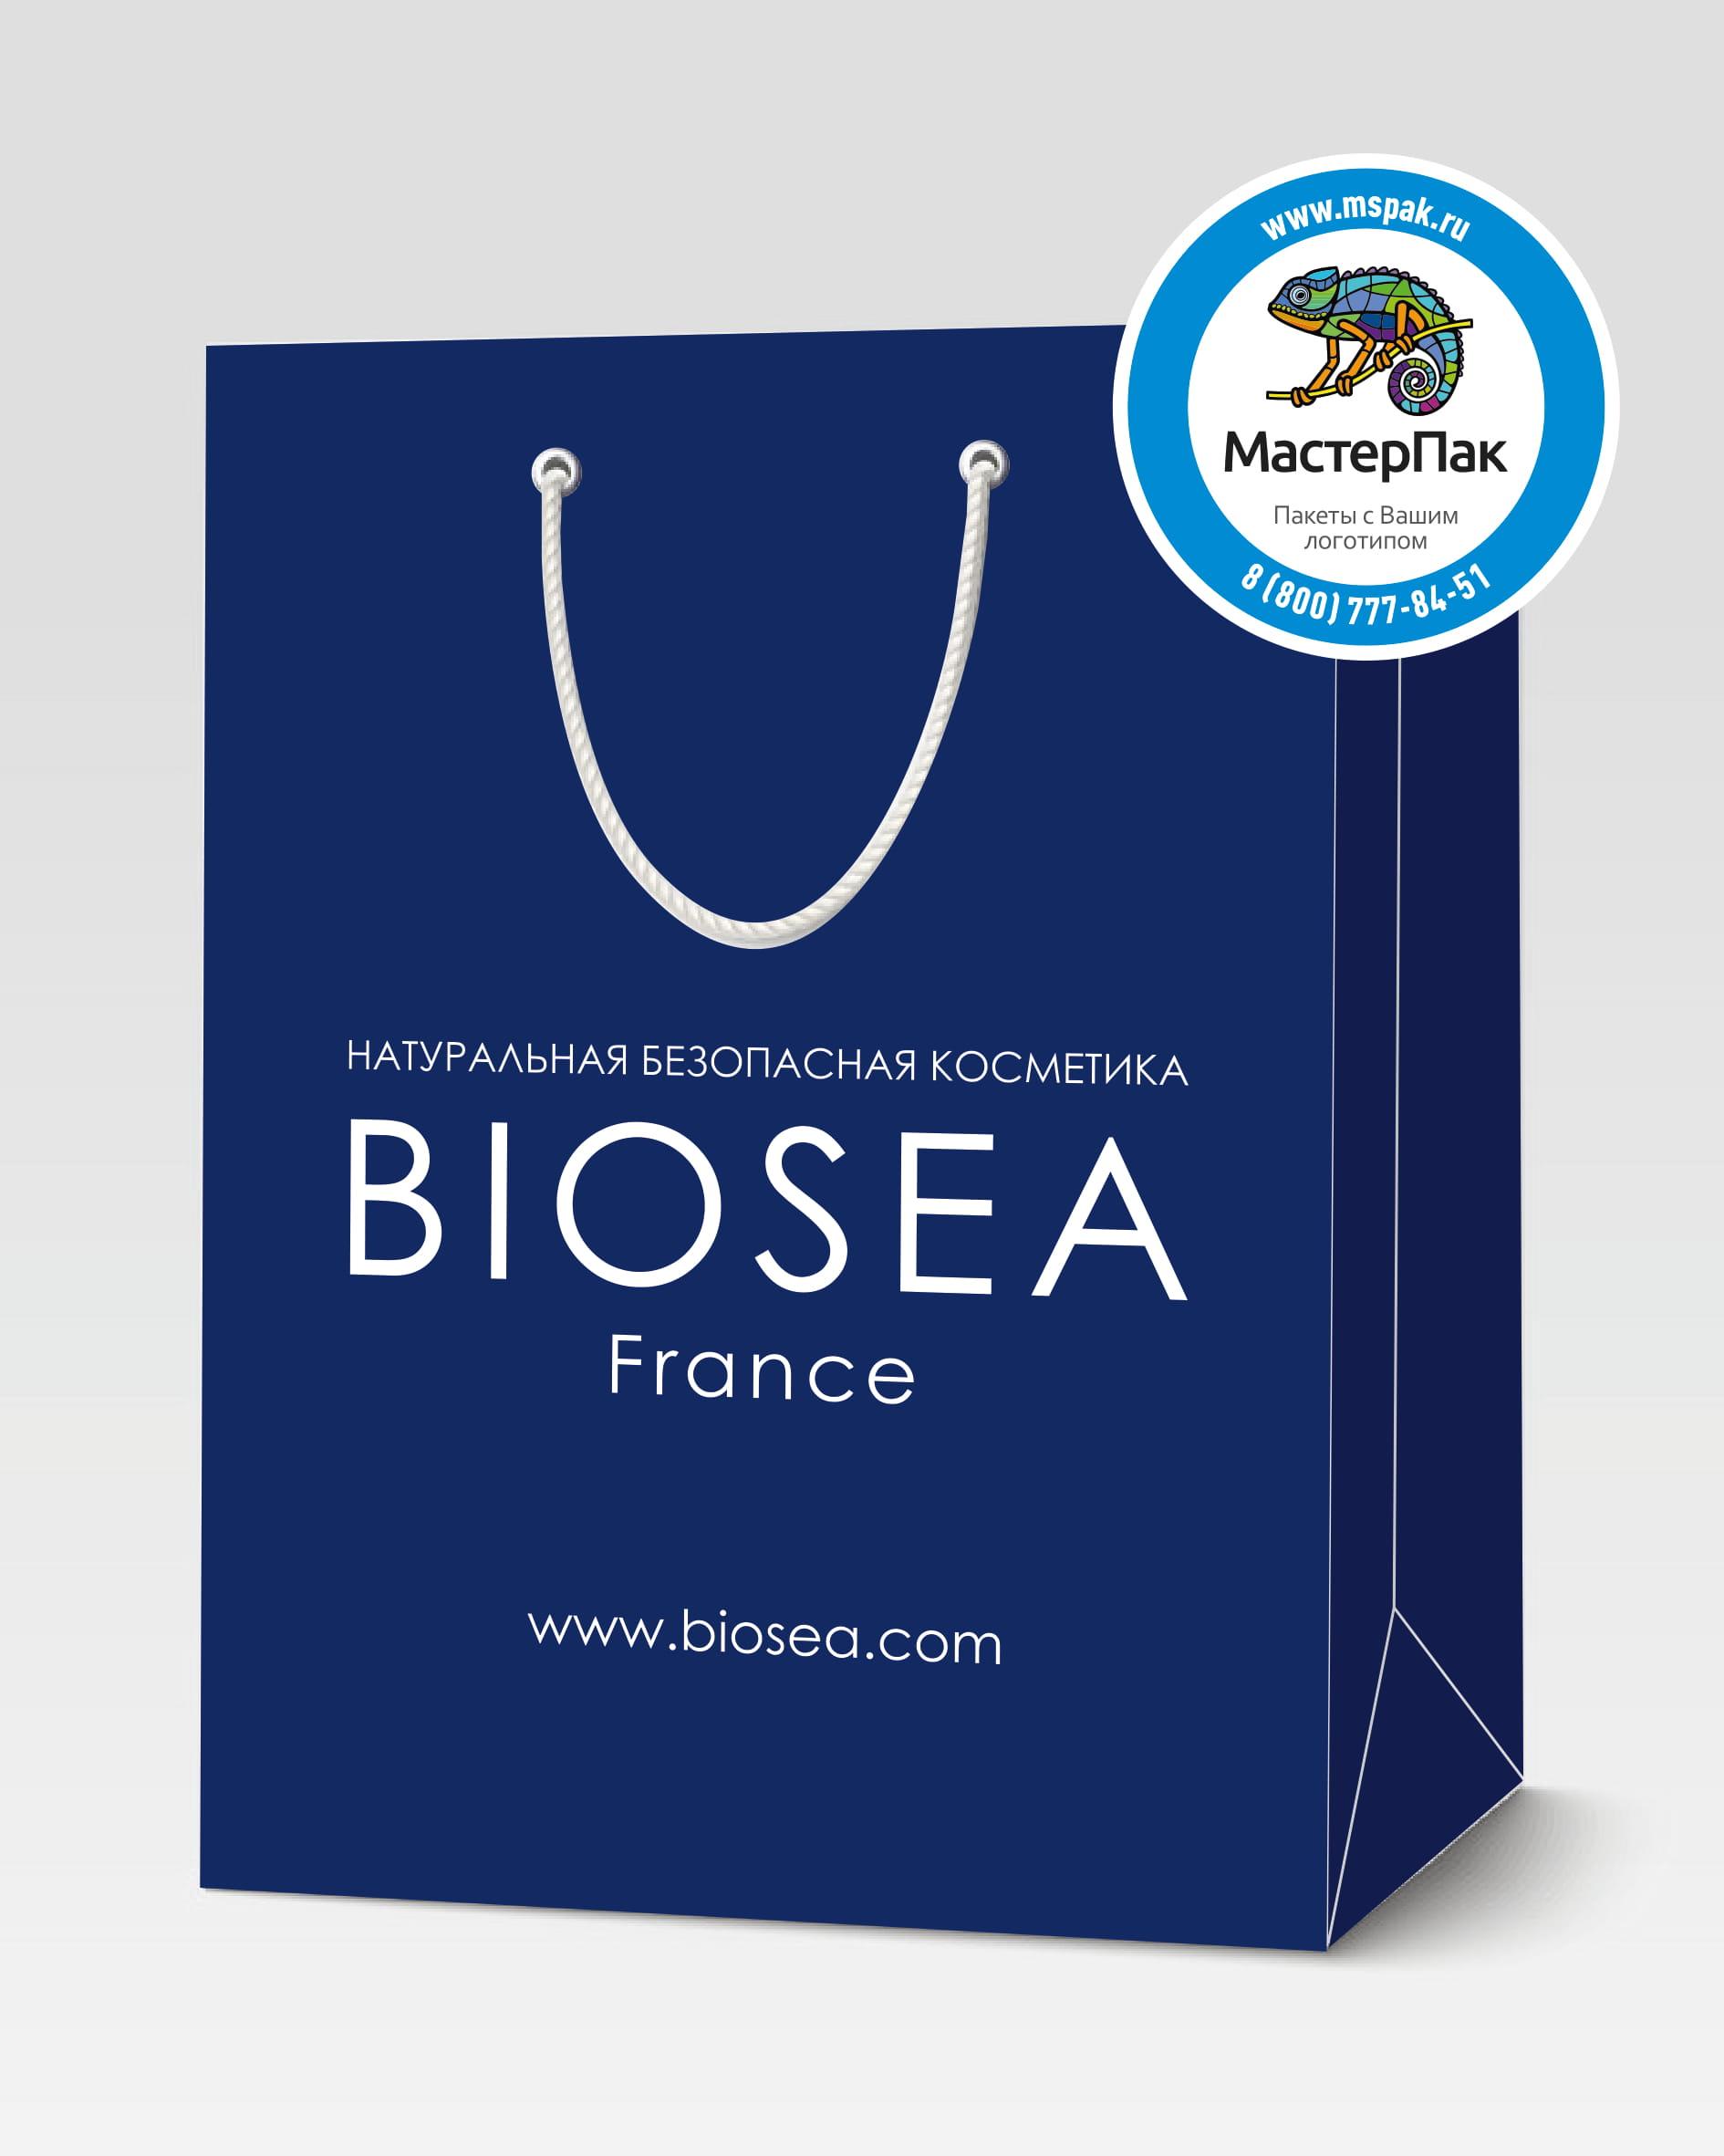 Пакет подарочный, бумажный с логотипом BioSea, Москва, 30*40, люверсы